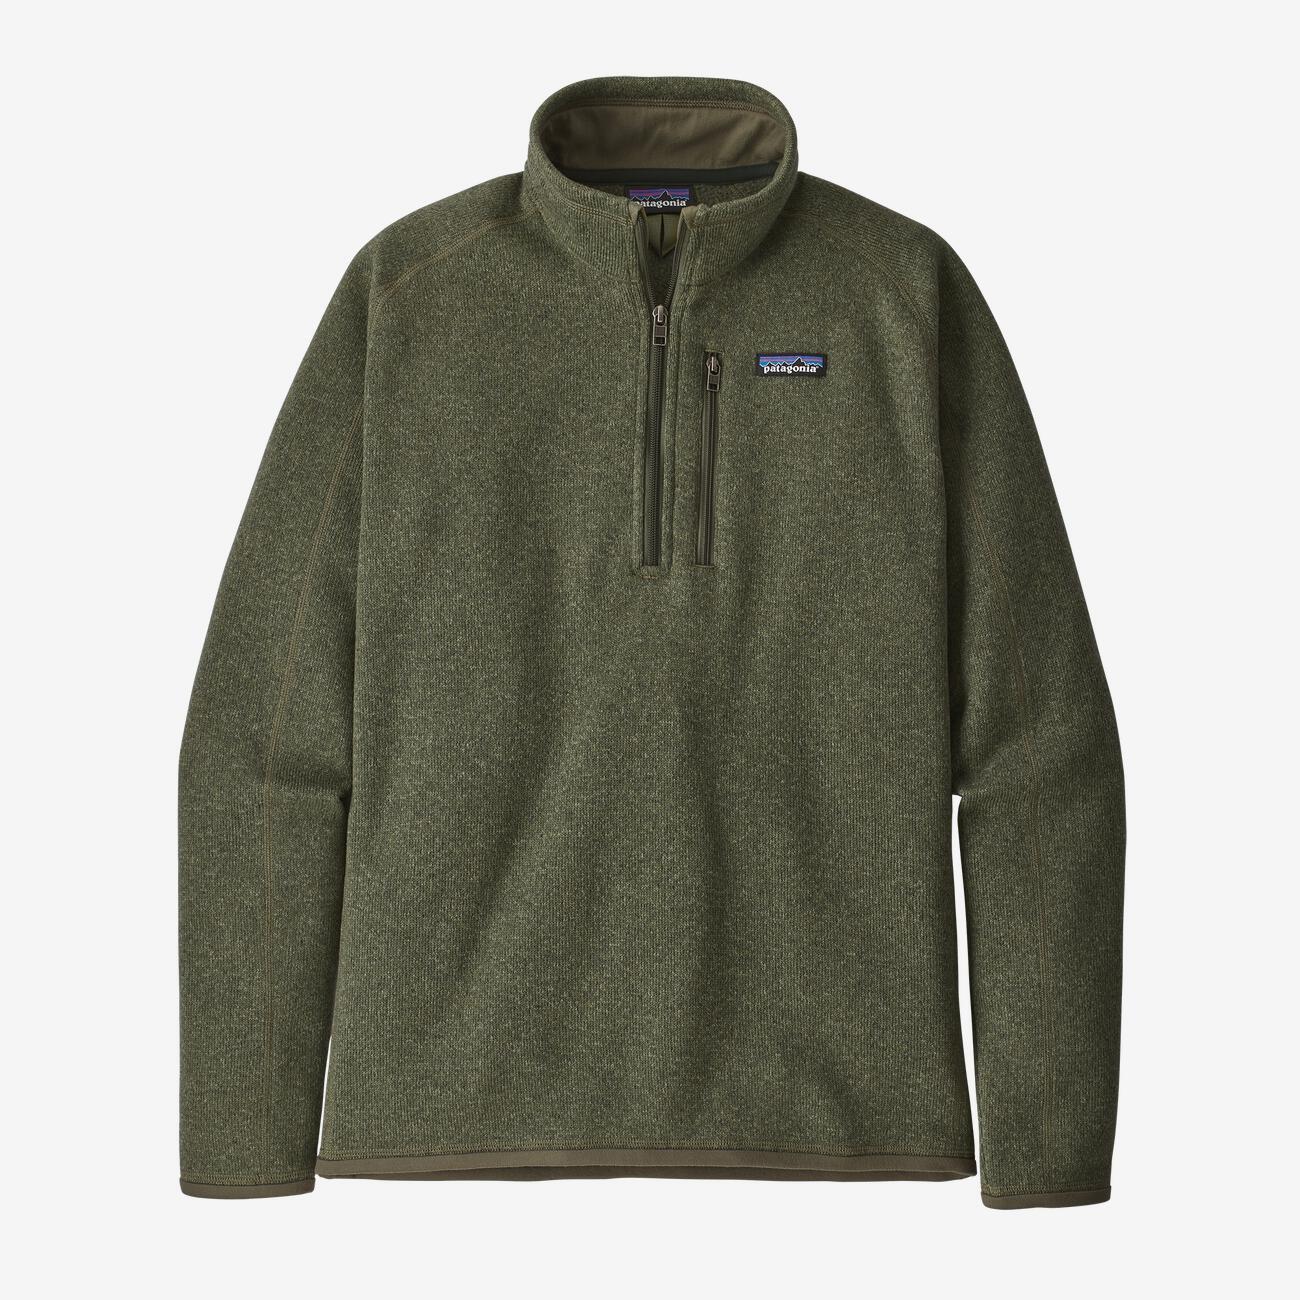 Patagonia Men's Better Sweater 1/4 Zip Fleece